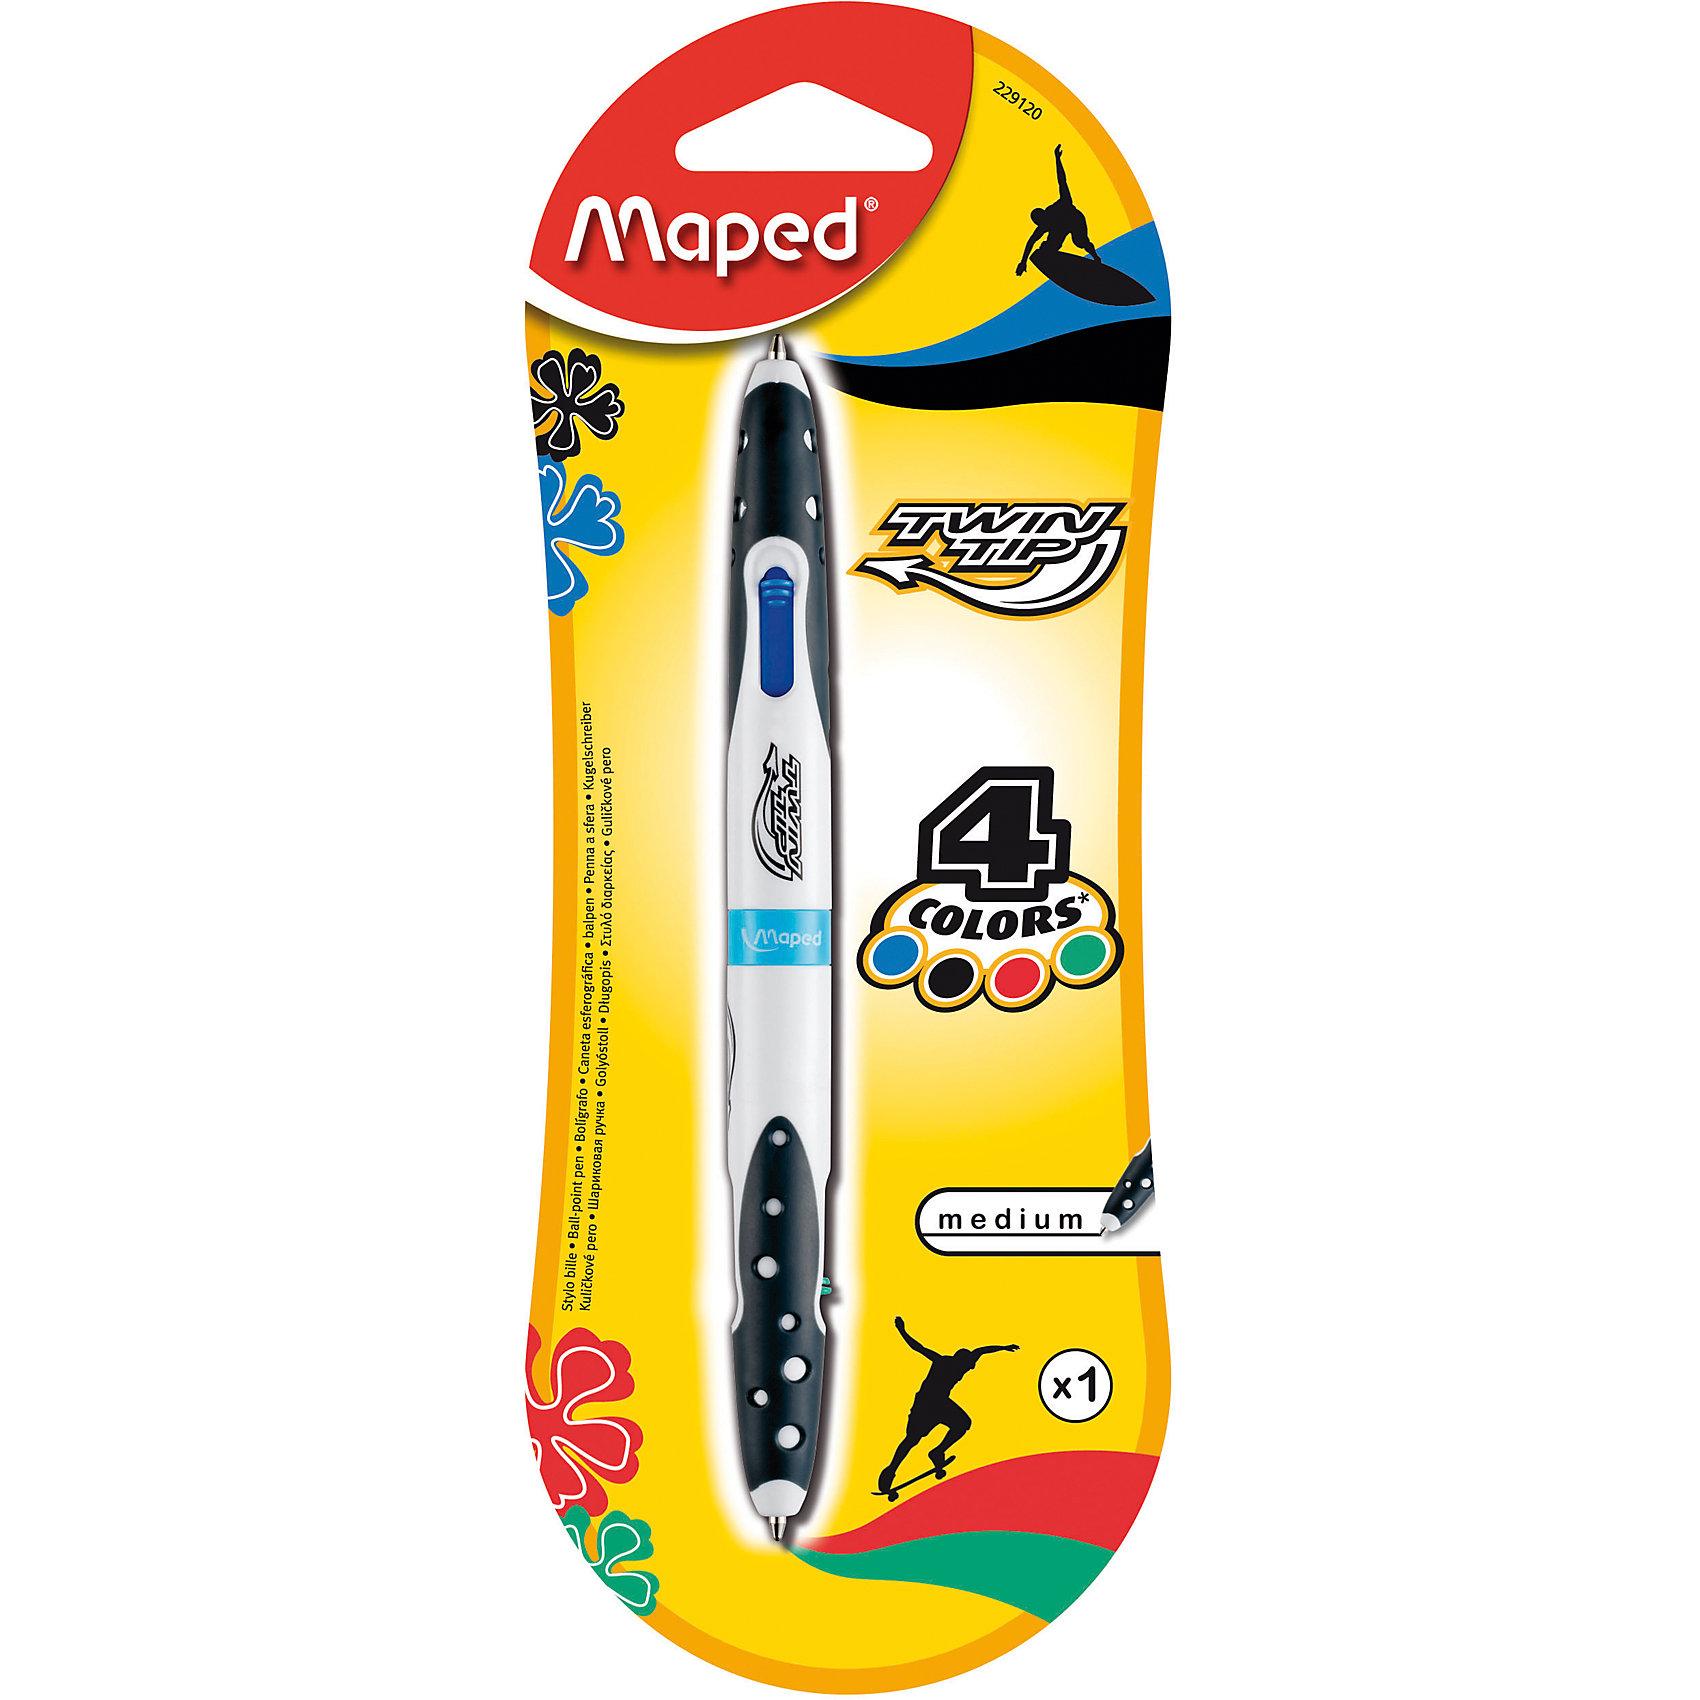 Шариковая ручка, 1 мм, 4 цв.Письменные принадлежности<br>Шариковая ручка, 1 мм, 4 цв. от марки Maped<br><br>Удобная ручка от компании Maped в удобном корпусе. Пишущий инструмент отличного качества! Автоматическая система выдвижения.<br>Отлично ложится в руке, пишет мягко. Дает аккуратную линию. Чернил хватает на долгое время, они быстро сохнут. Внутри - четыре стержня разных цветов.<br><br>Особенности данной модели:<br><br>диаметр шарика: 1 мм;<br>цвета чернил: синий, черный, зеленый, красный;<br>обрезиненный корпус.<br><br>Шариковая ручка, 1 мм, 4 цв. от марки Maped можно купить в нашем магазине.<br><br>Ширина мм: 80<br>Глубина мм: 210<br>Высота мм: 15<br>Вес г: 13<br>Возраст от месяцев: 36<br>Возраст до месяцев: 2147483647<br>Пол: Унисекс<br>Возраст: Детский<br>SKU: 4684754